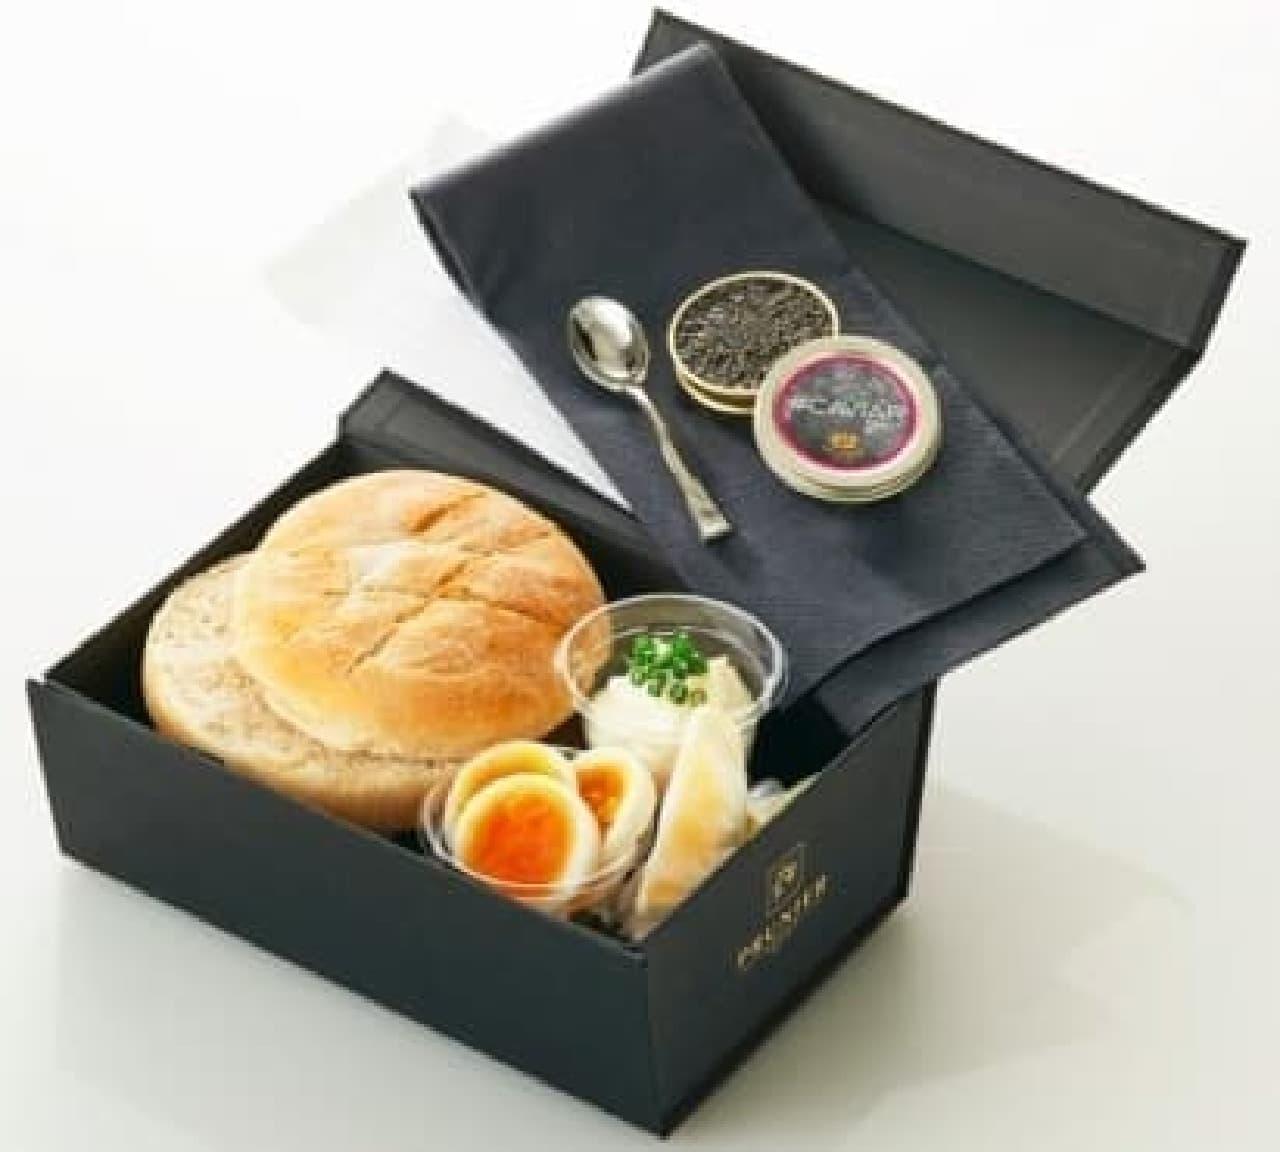 一度は食べたい高級サンドイッチ  画像は「キャビアサンドイッチボックス」